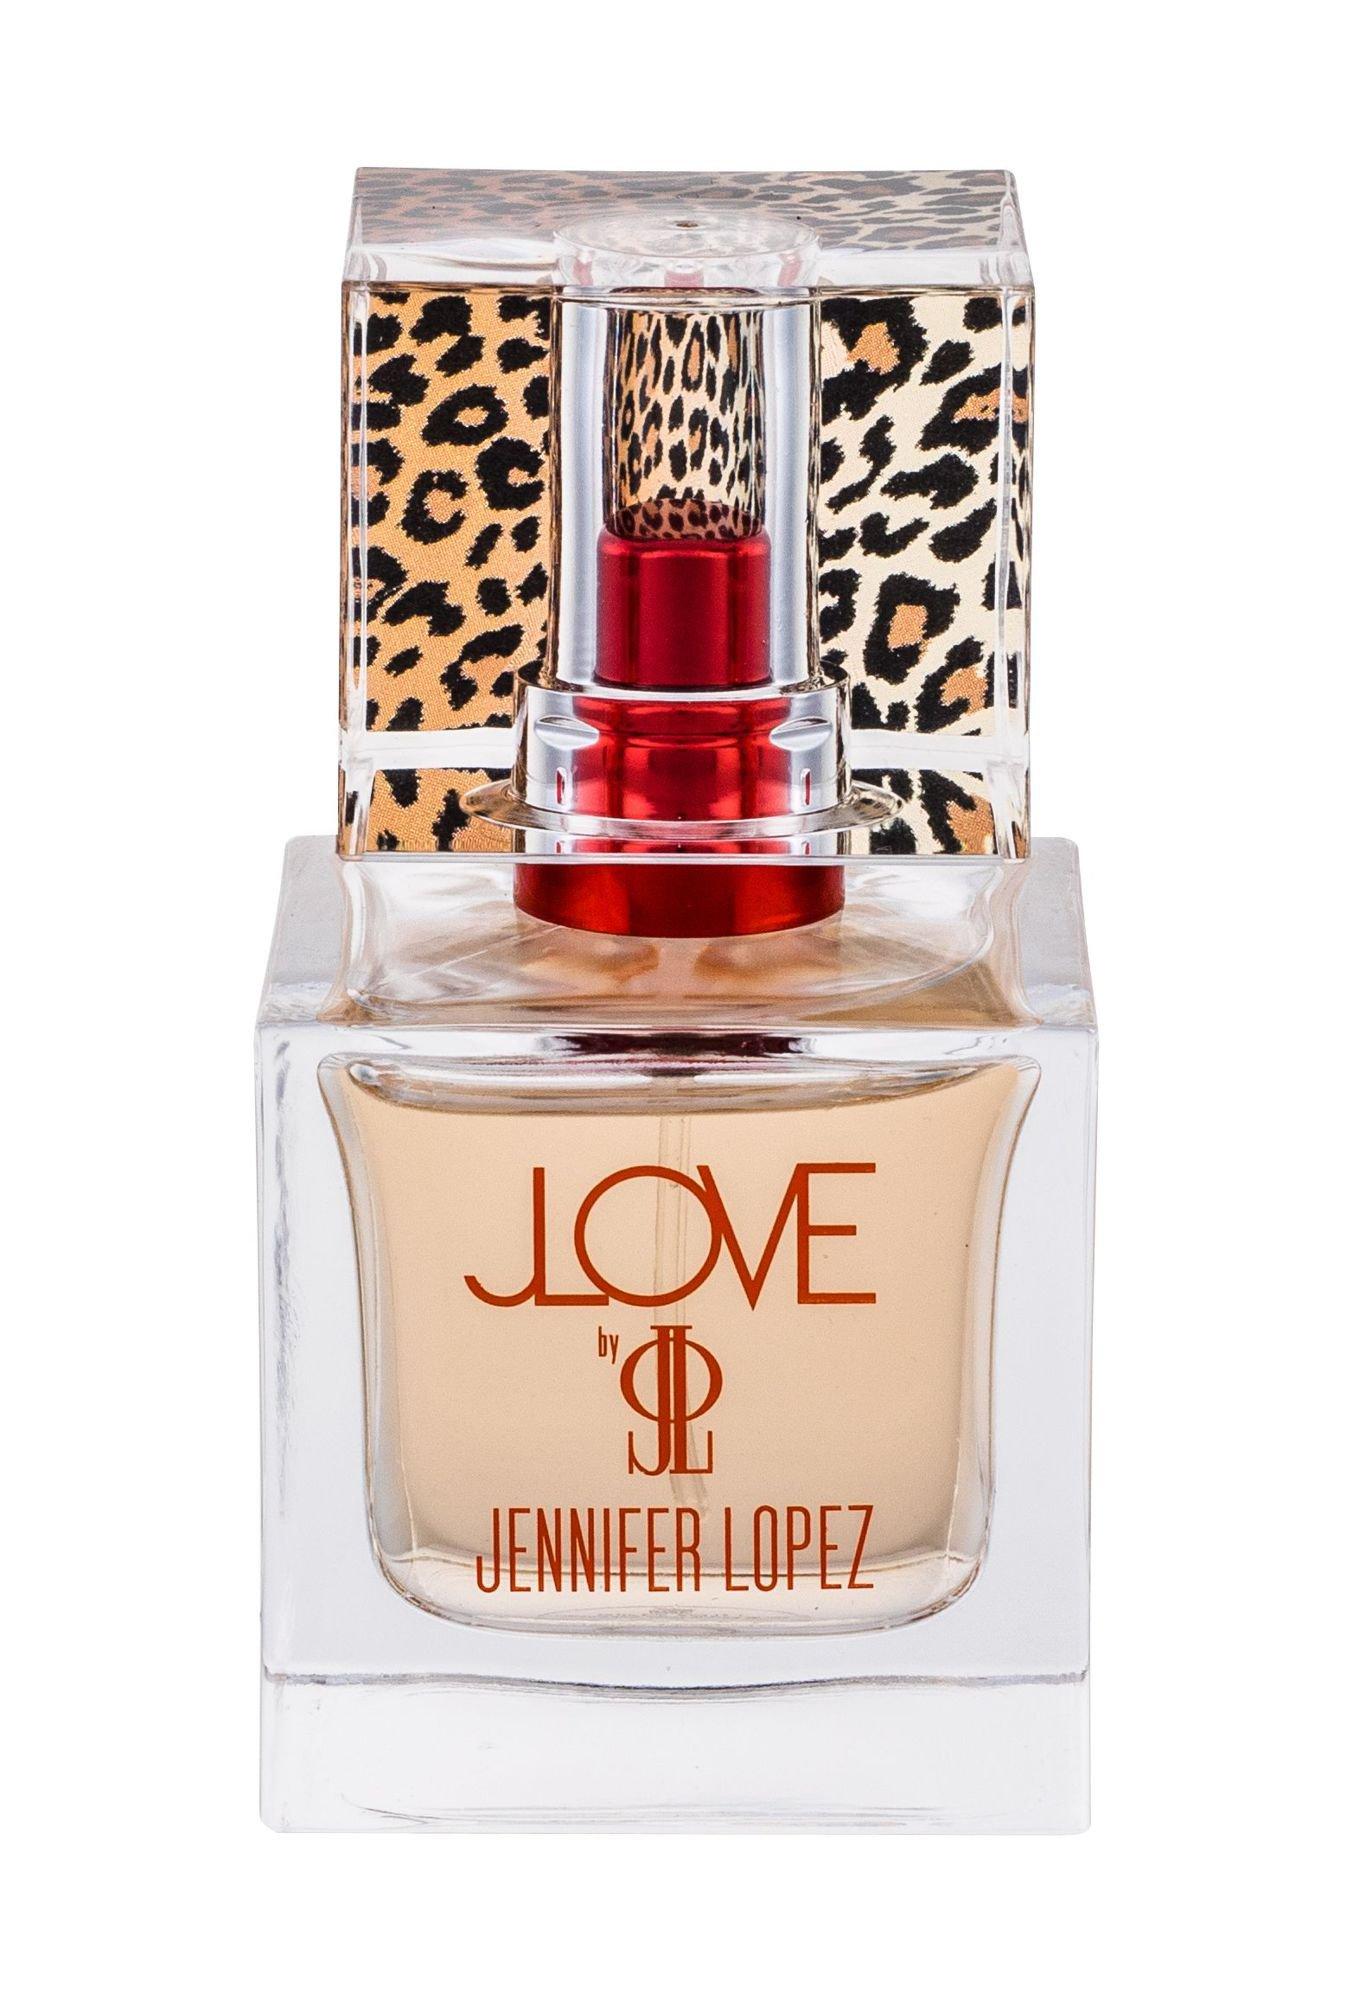 Jennifer Lopez JLove, Parfumovaná voda 30ml